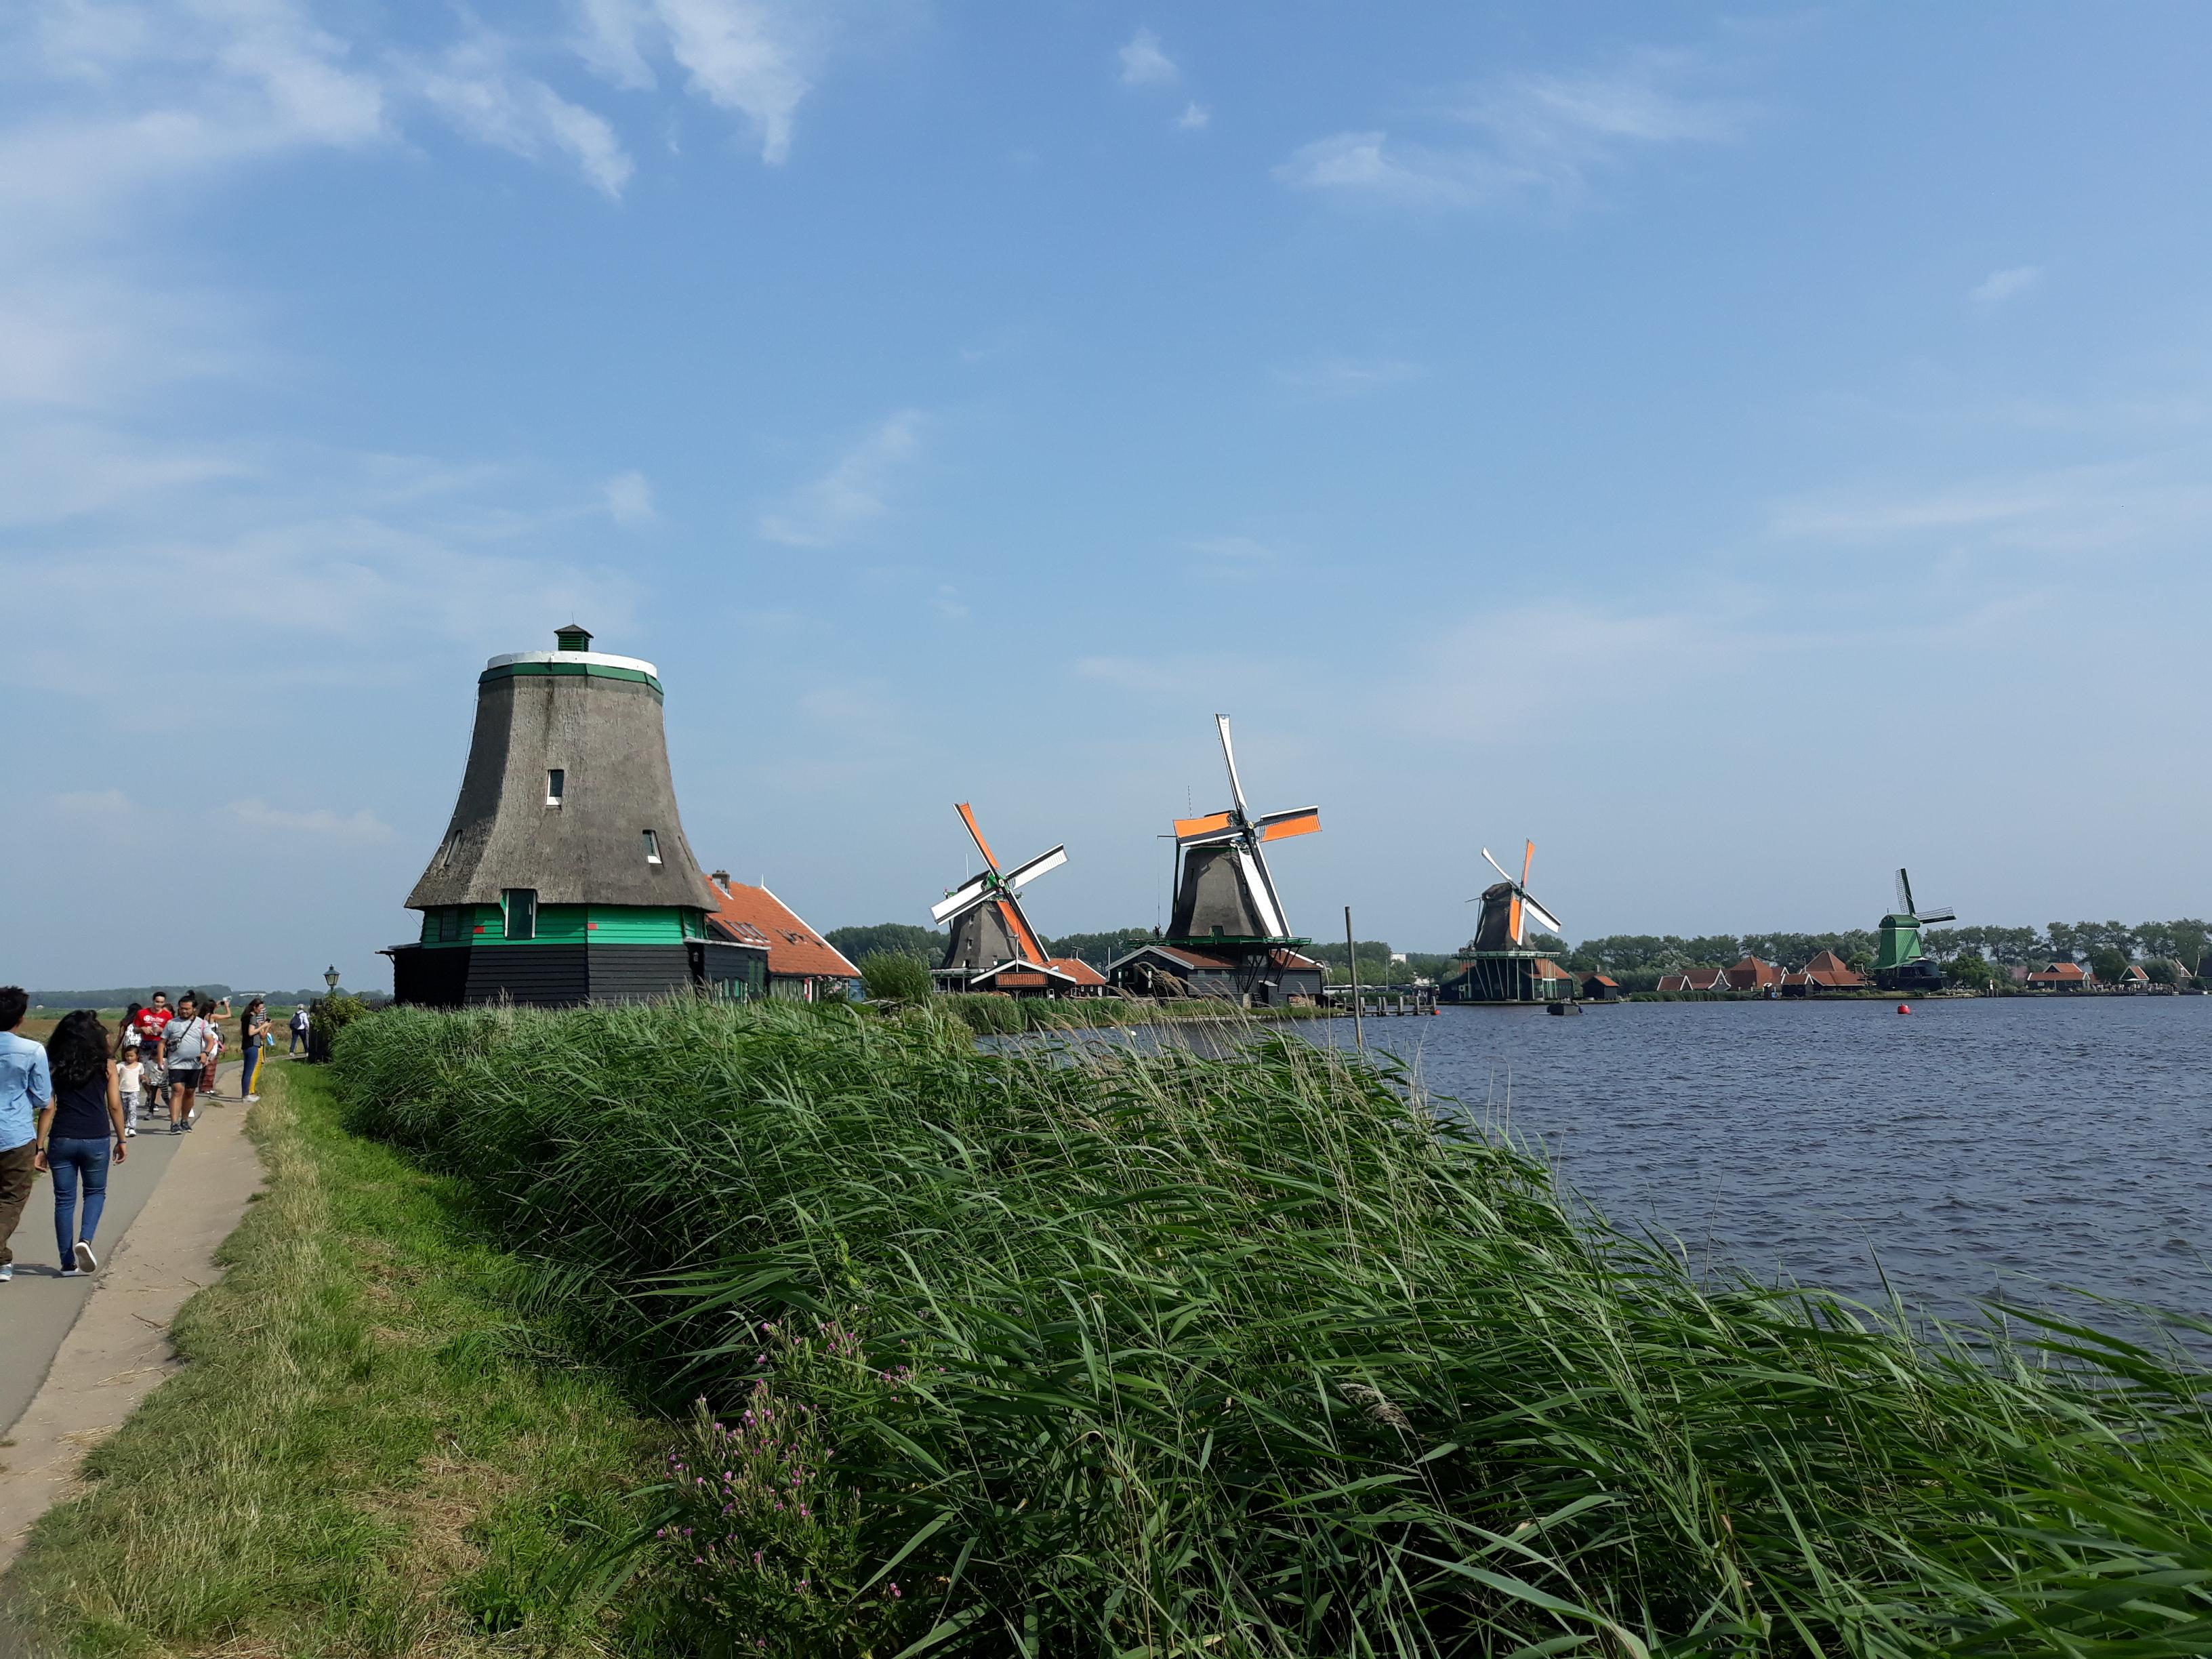 Windmill De Os Zaanse Schans